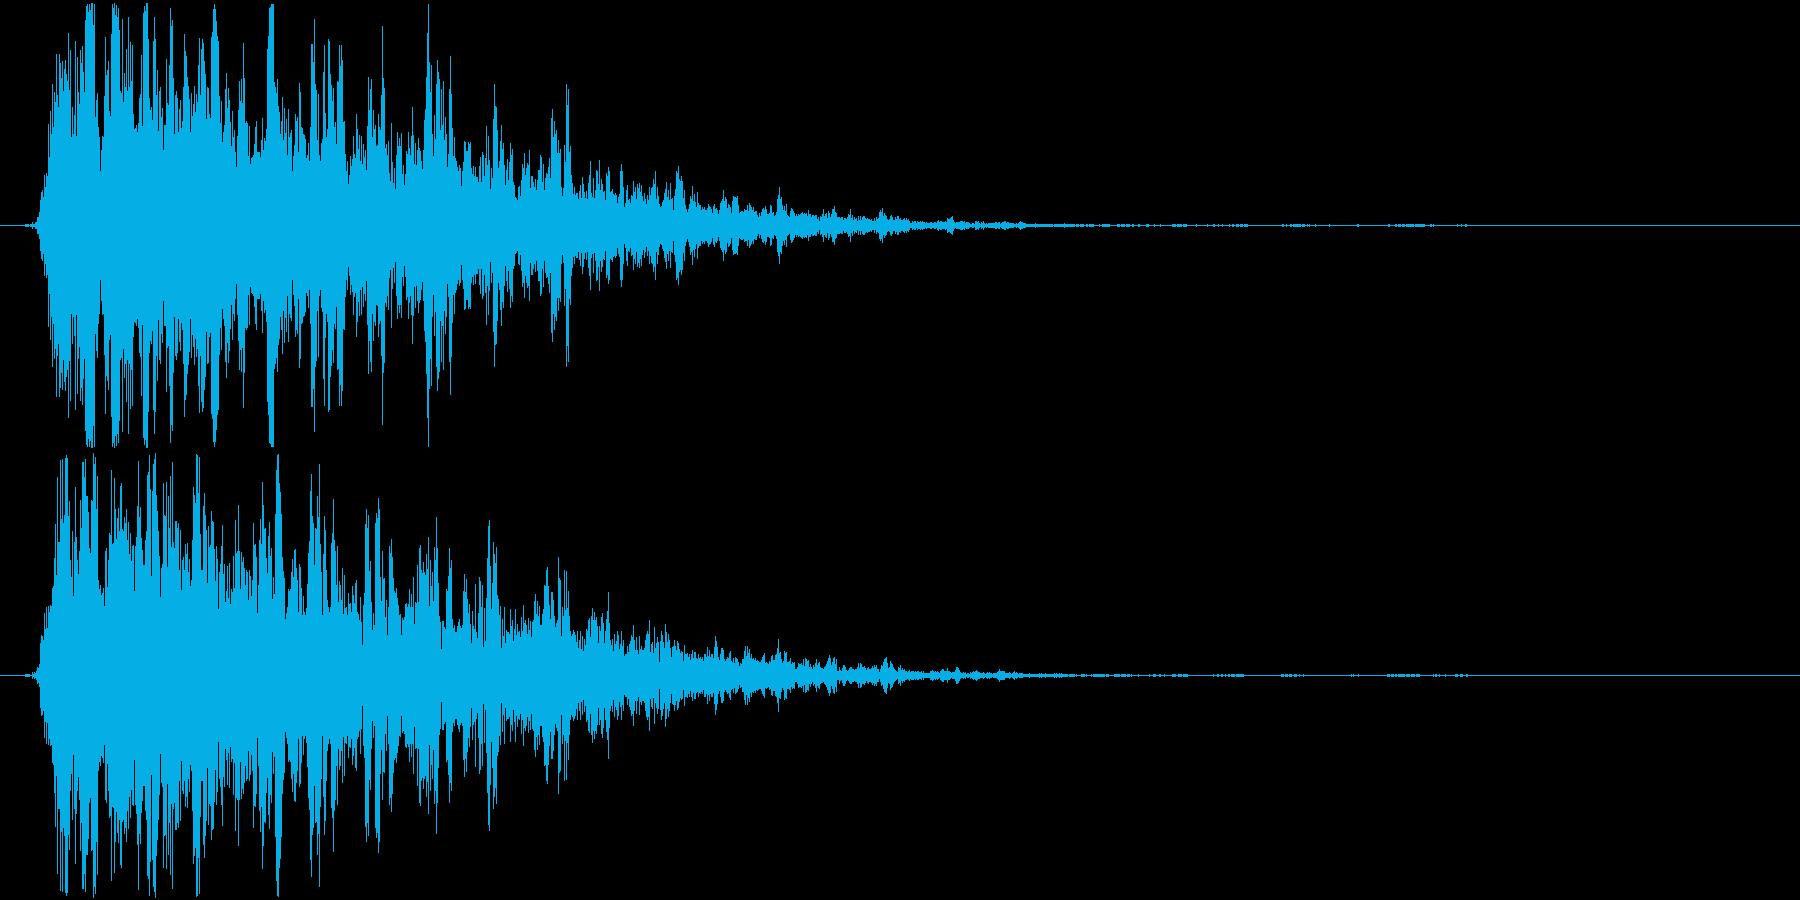 ビーム、光線音(シュルルル)の再生済みの波形